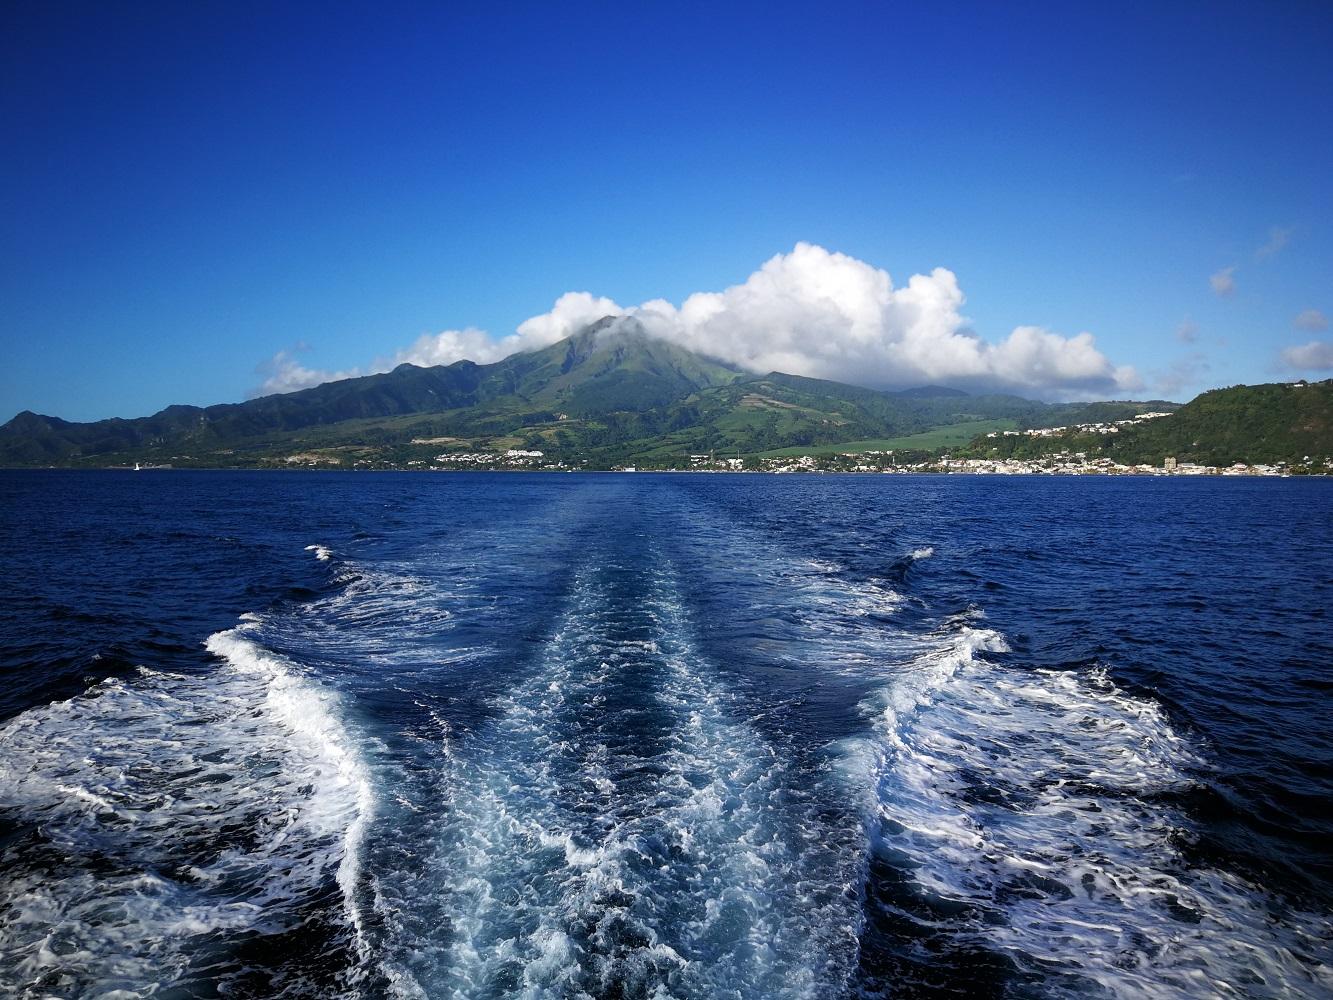 Bootsfahrt mit Blick auf den Vulkan Mont Pelée